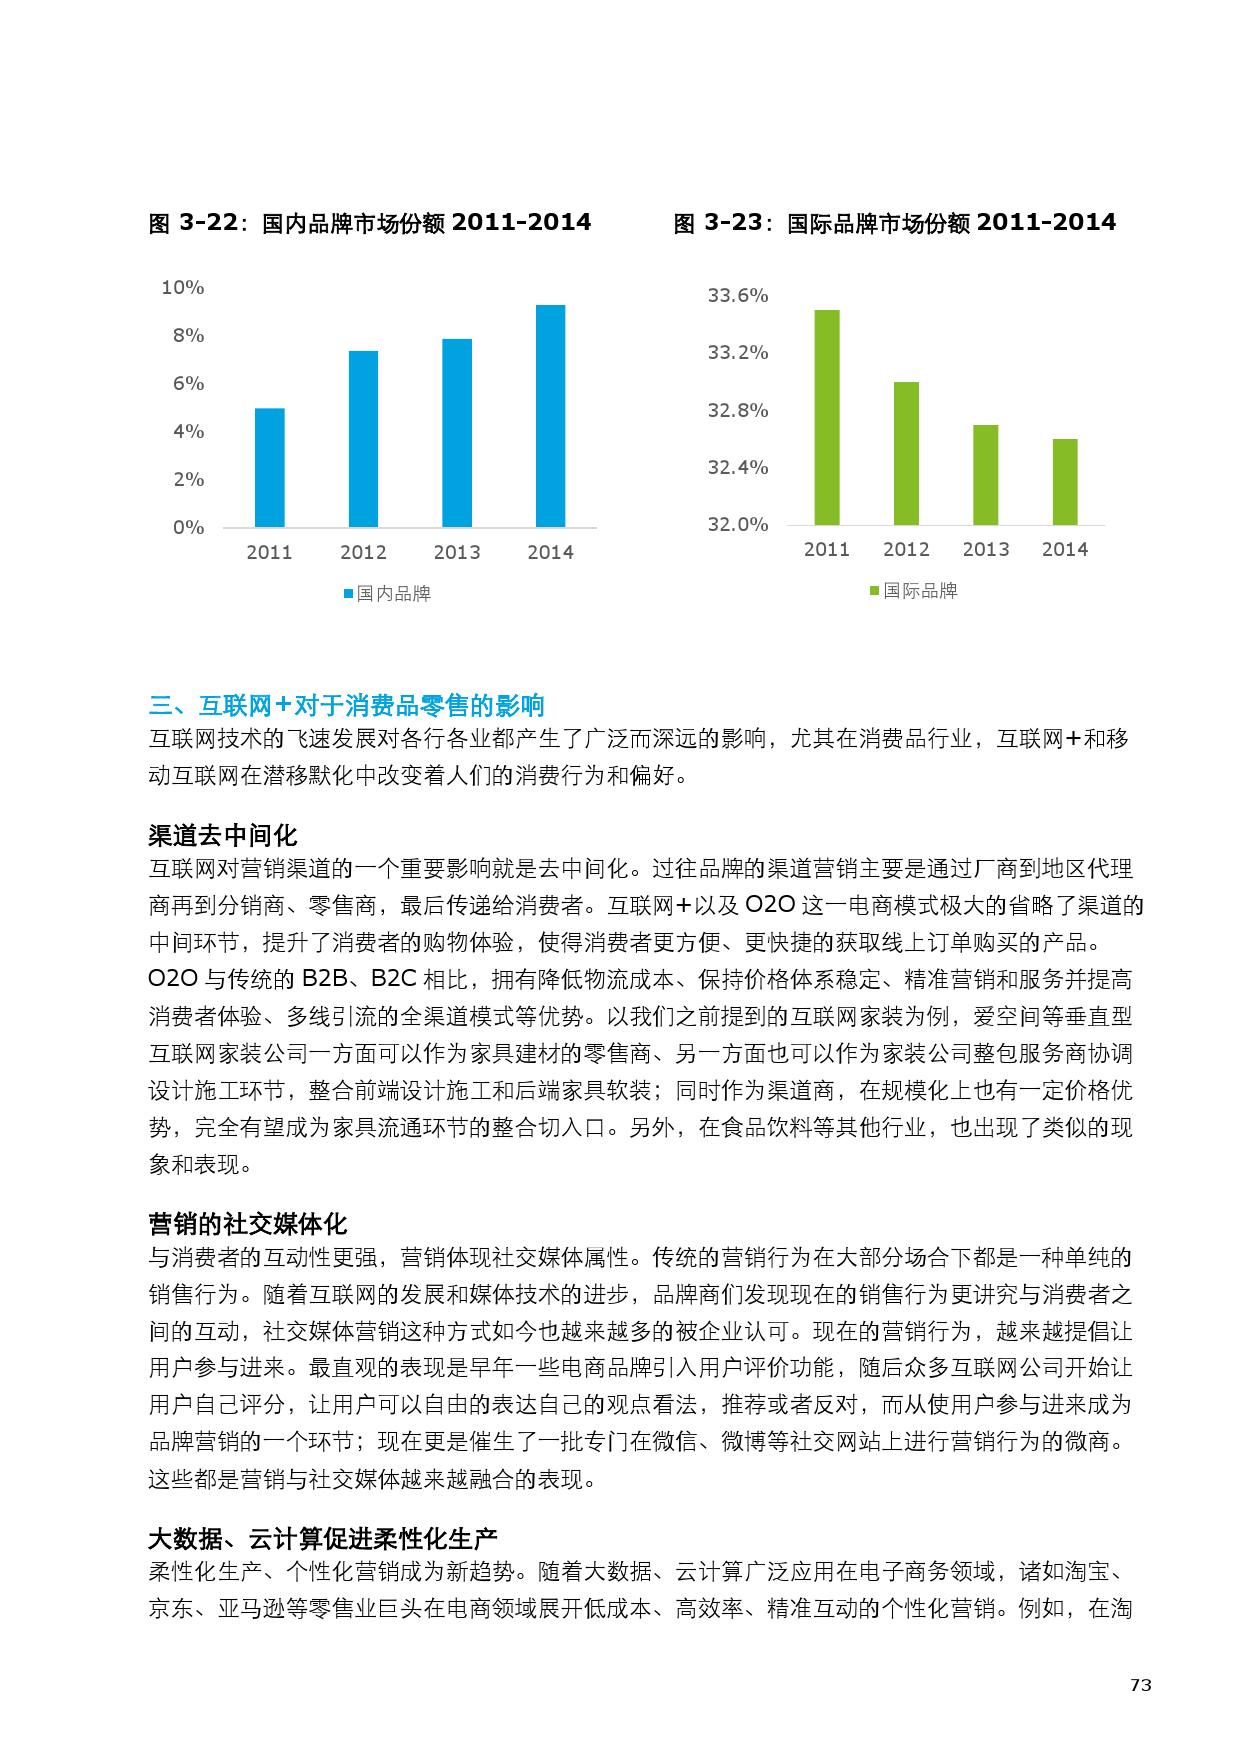 2015中国零售产业投资促进报告_000081